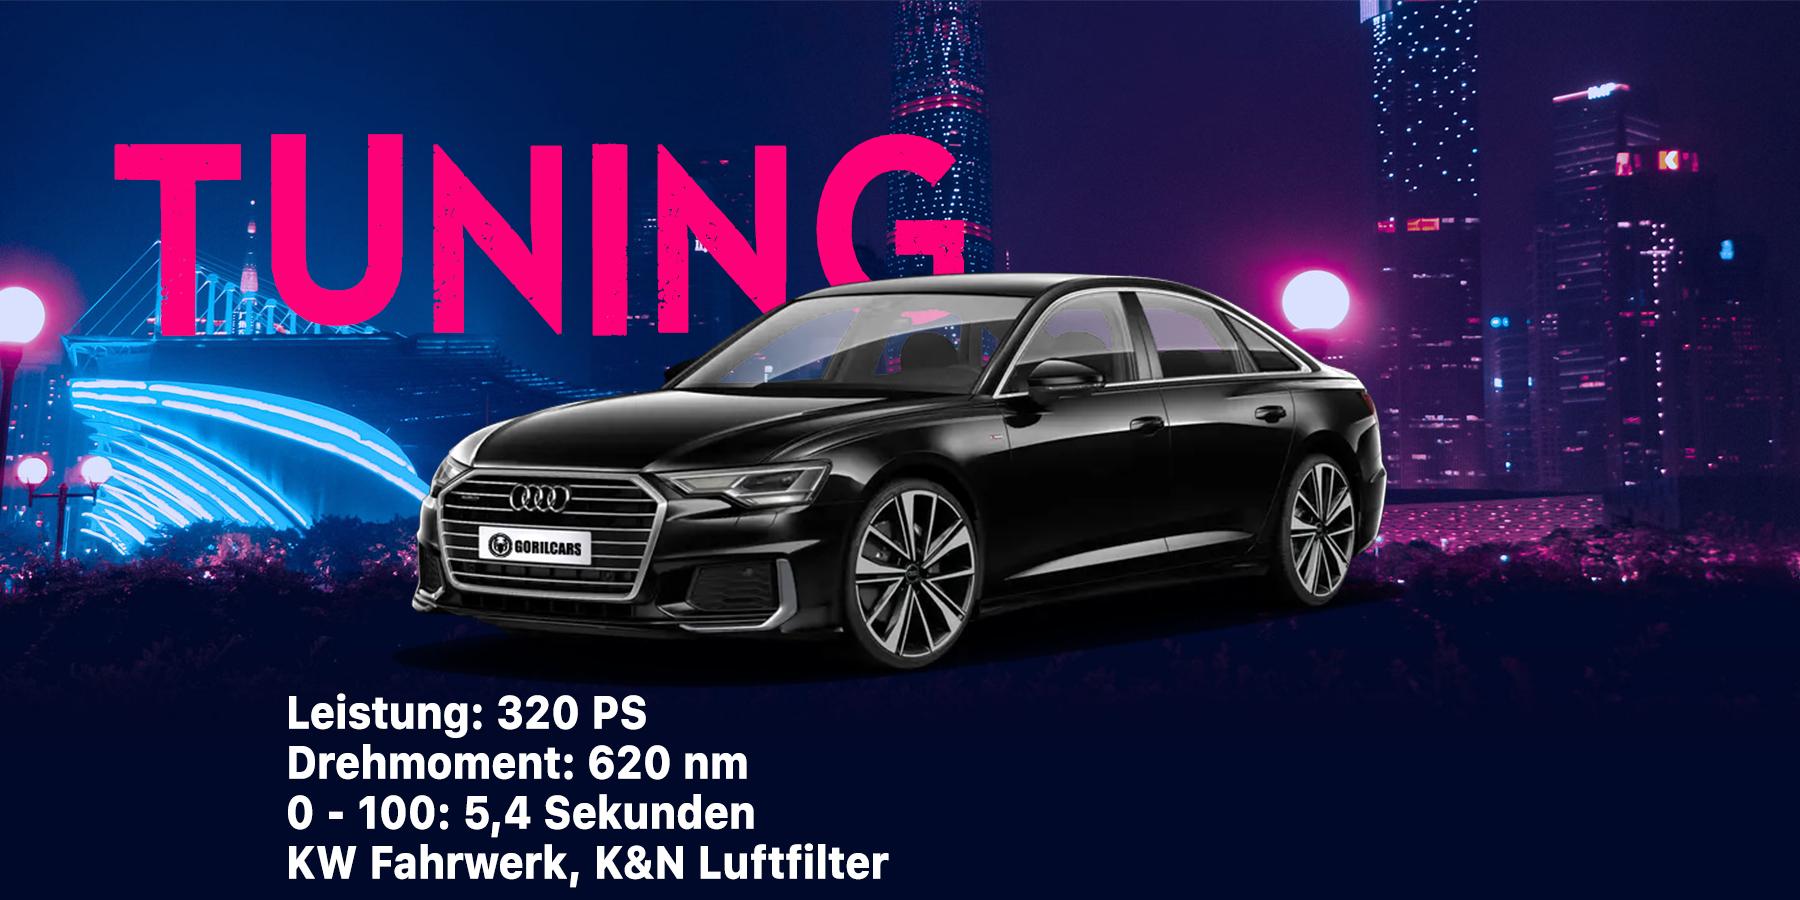 Audi A6 nach dem Tuning und der Softwareoptimierung bei Gorilcars